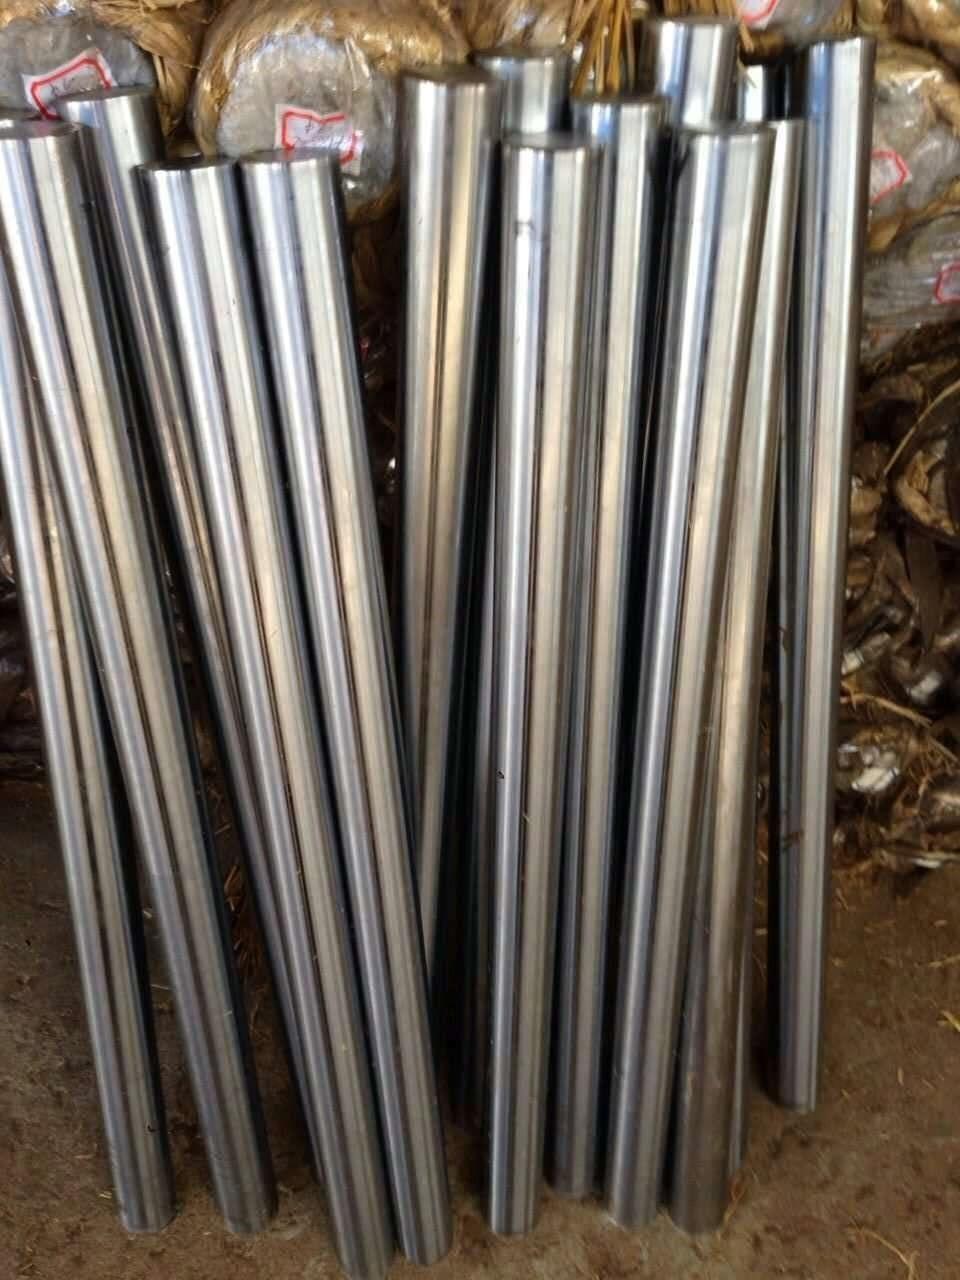 调质圆棒 45号钢材质1米长 光圆料/银钢支/圆棒-圆棒钢(微坤家居专营店仅售16.78元)